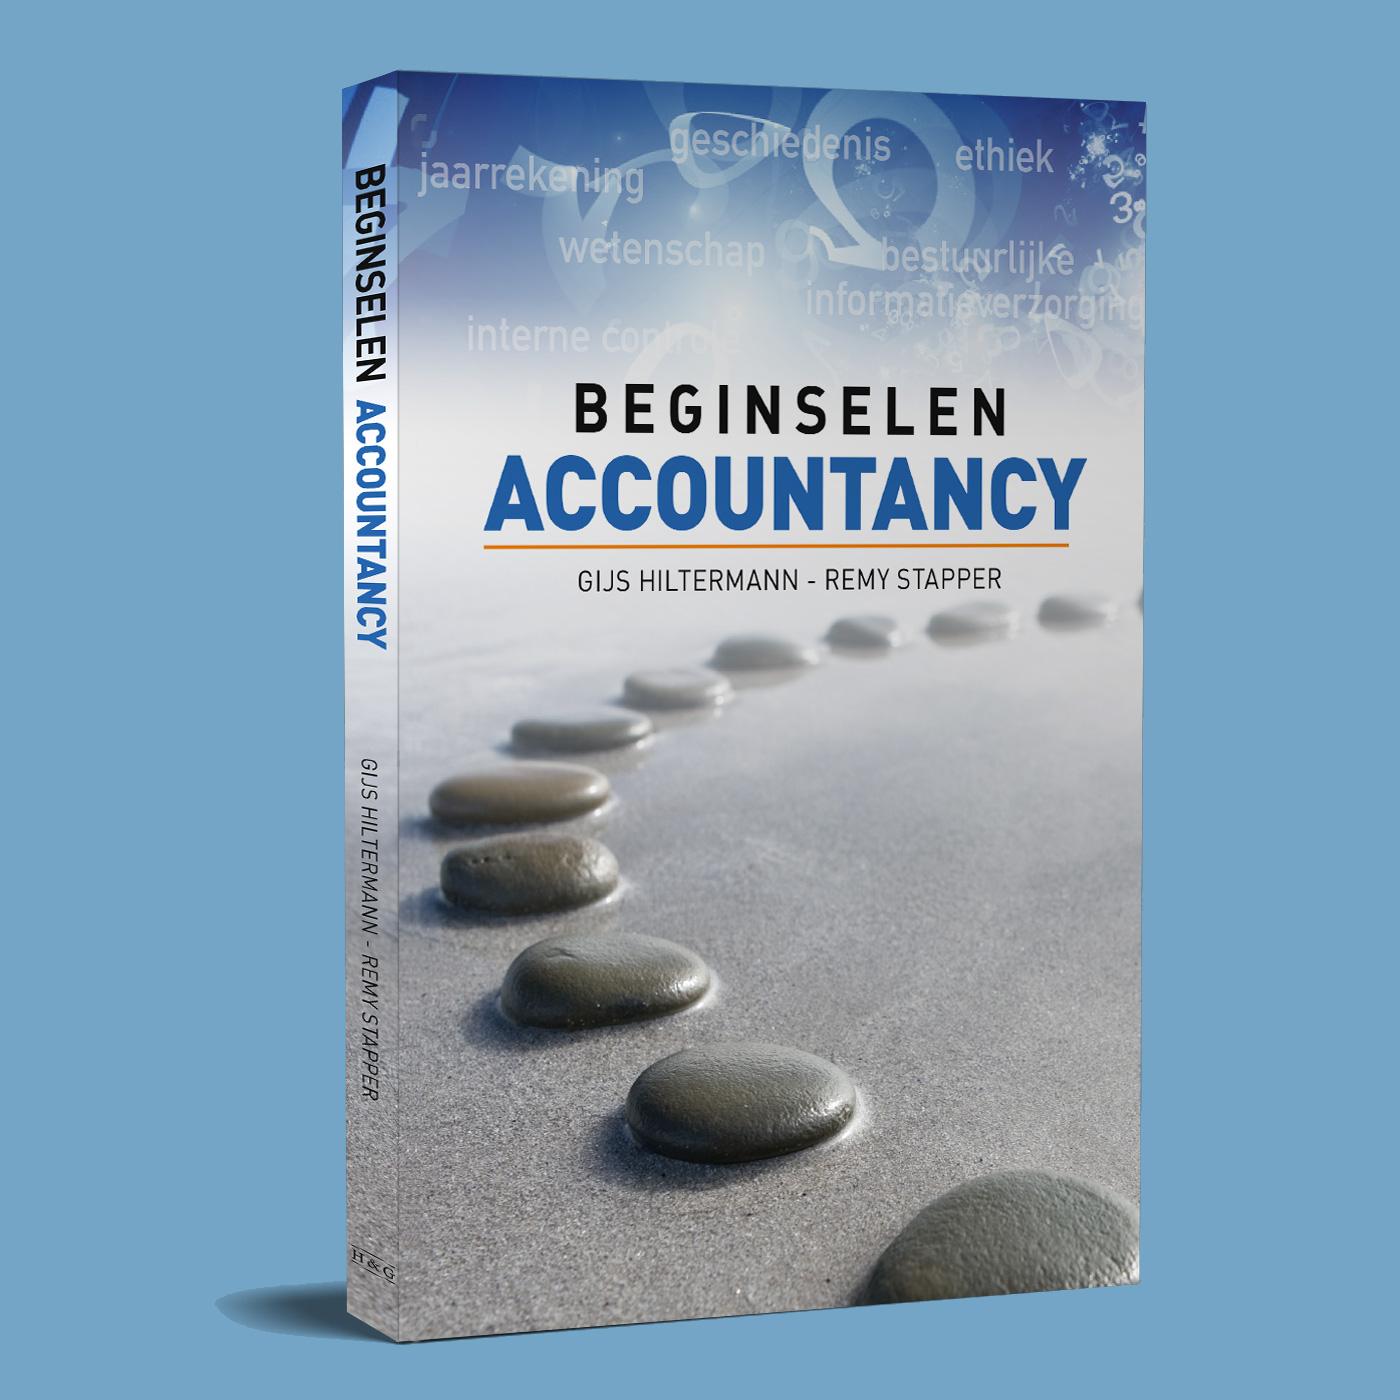 Opmaak en drukwerk van het boek Beginselen Accountancy, een van de diverse uitgaven van H&G Uitgeverij. Binnenkort ga ik ook hun nieuwe website online zetten.